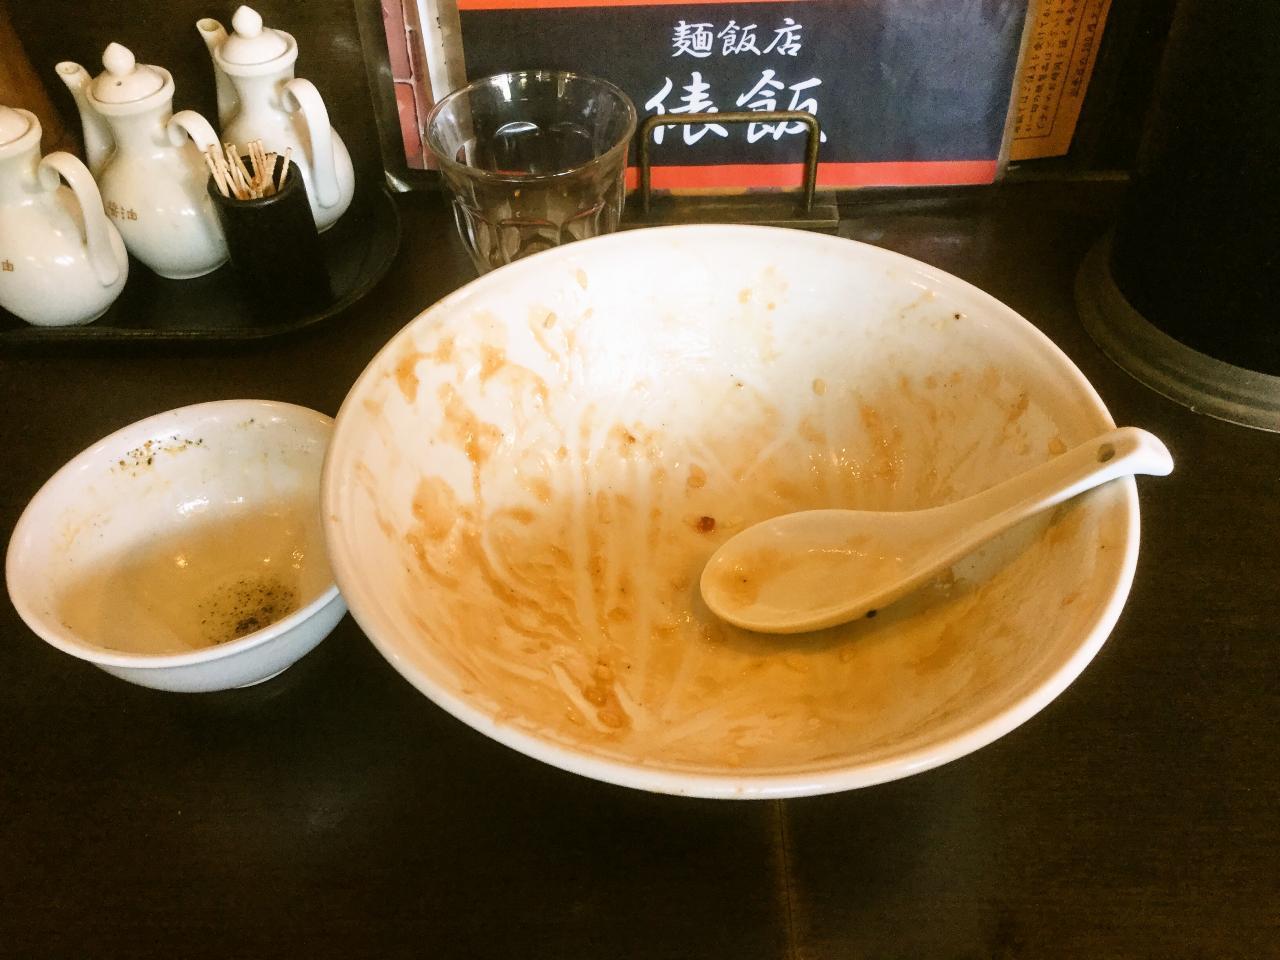 俵飯(すぶた飯)